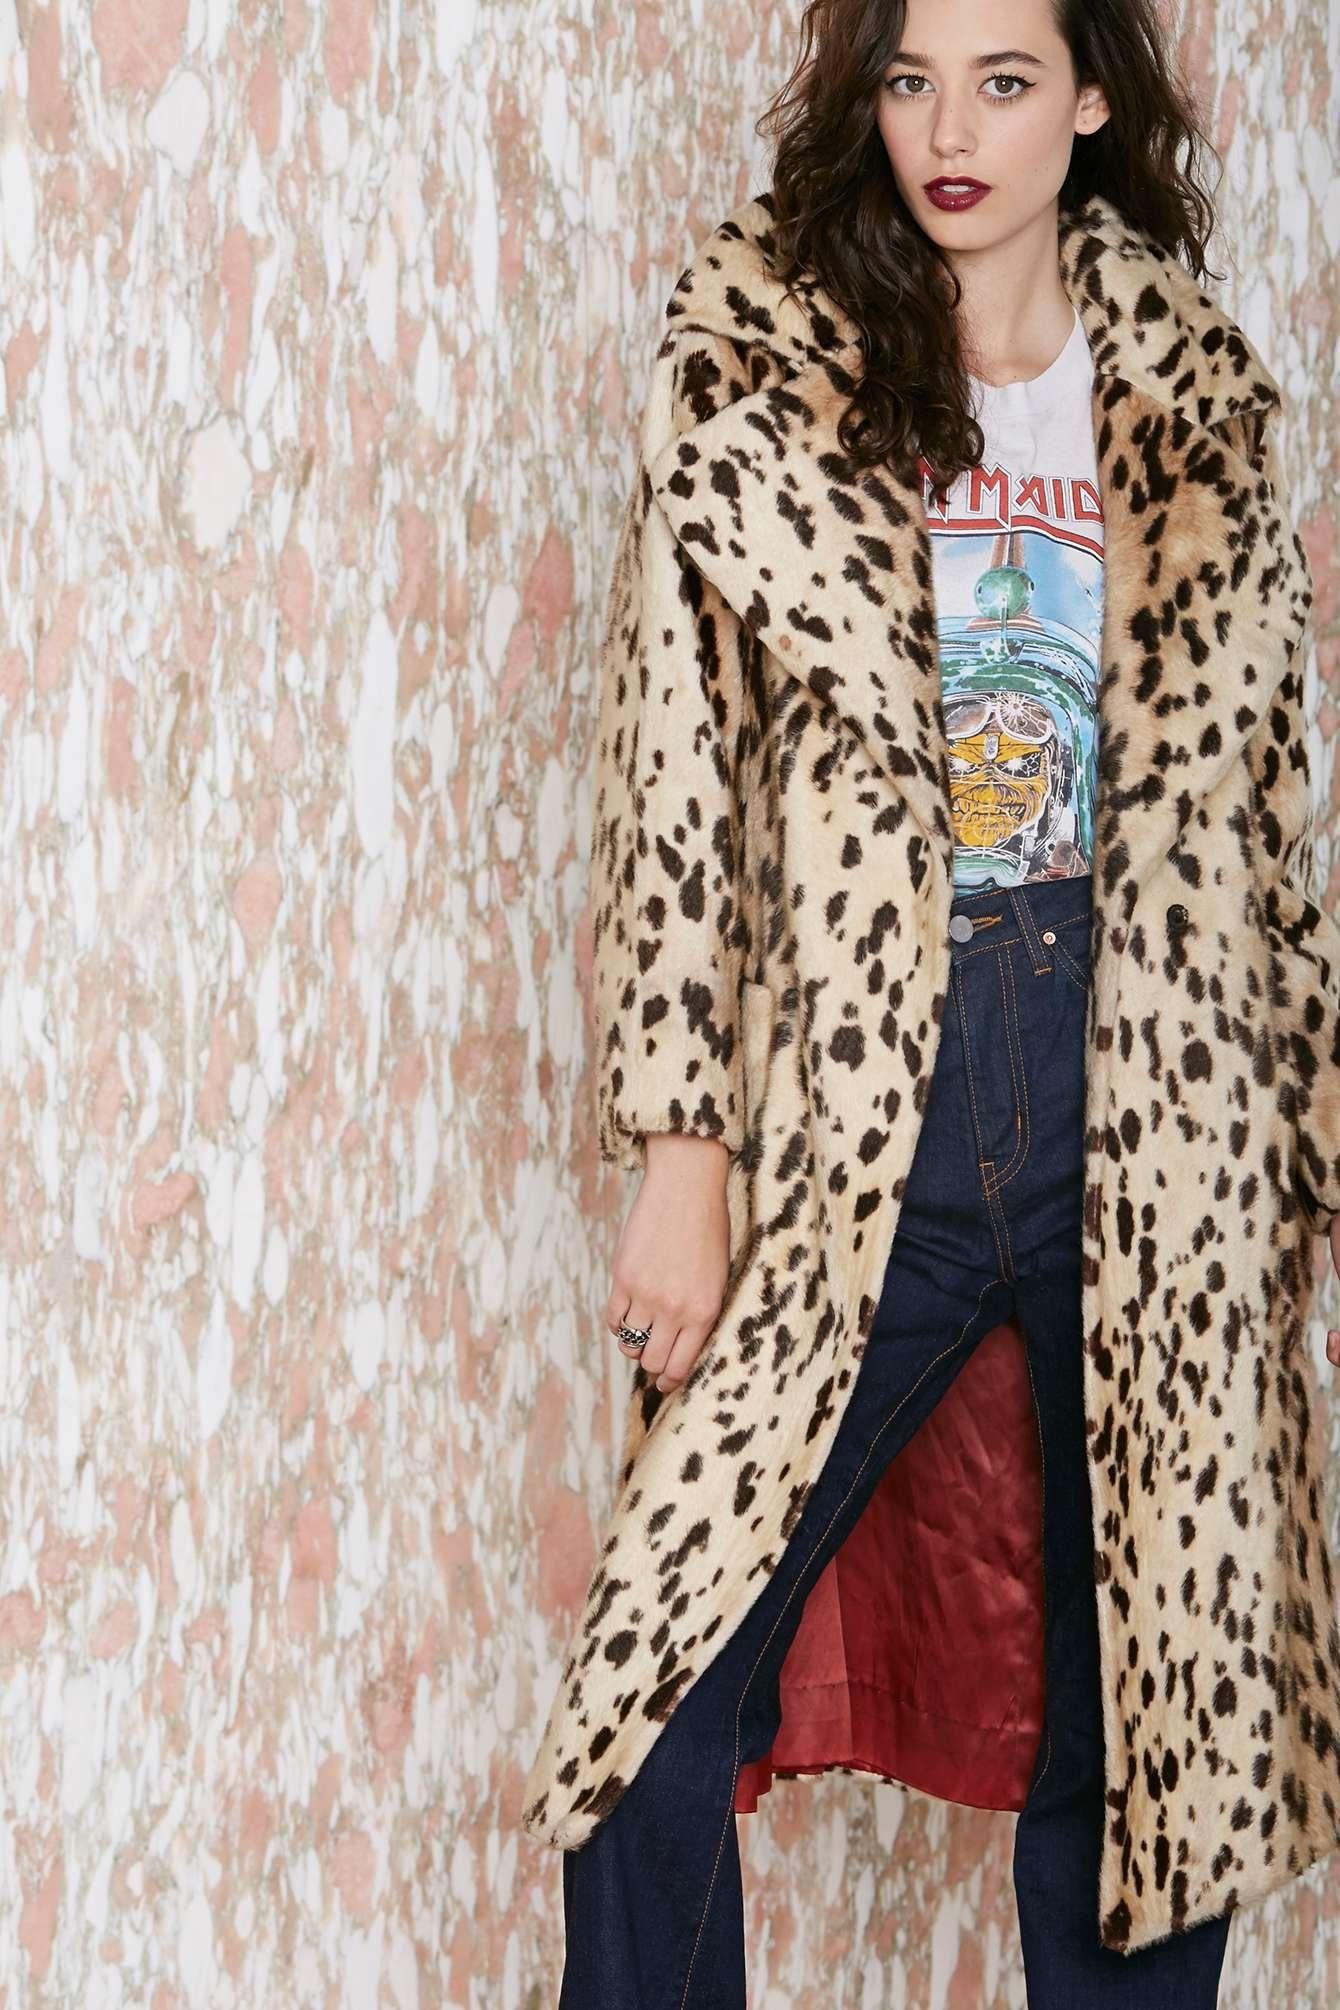 Apenas que eu queria MUITO esse casaco por ser vintage e por ser print!